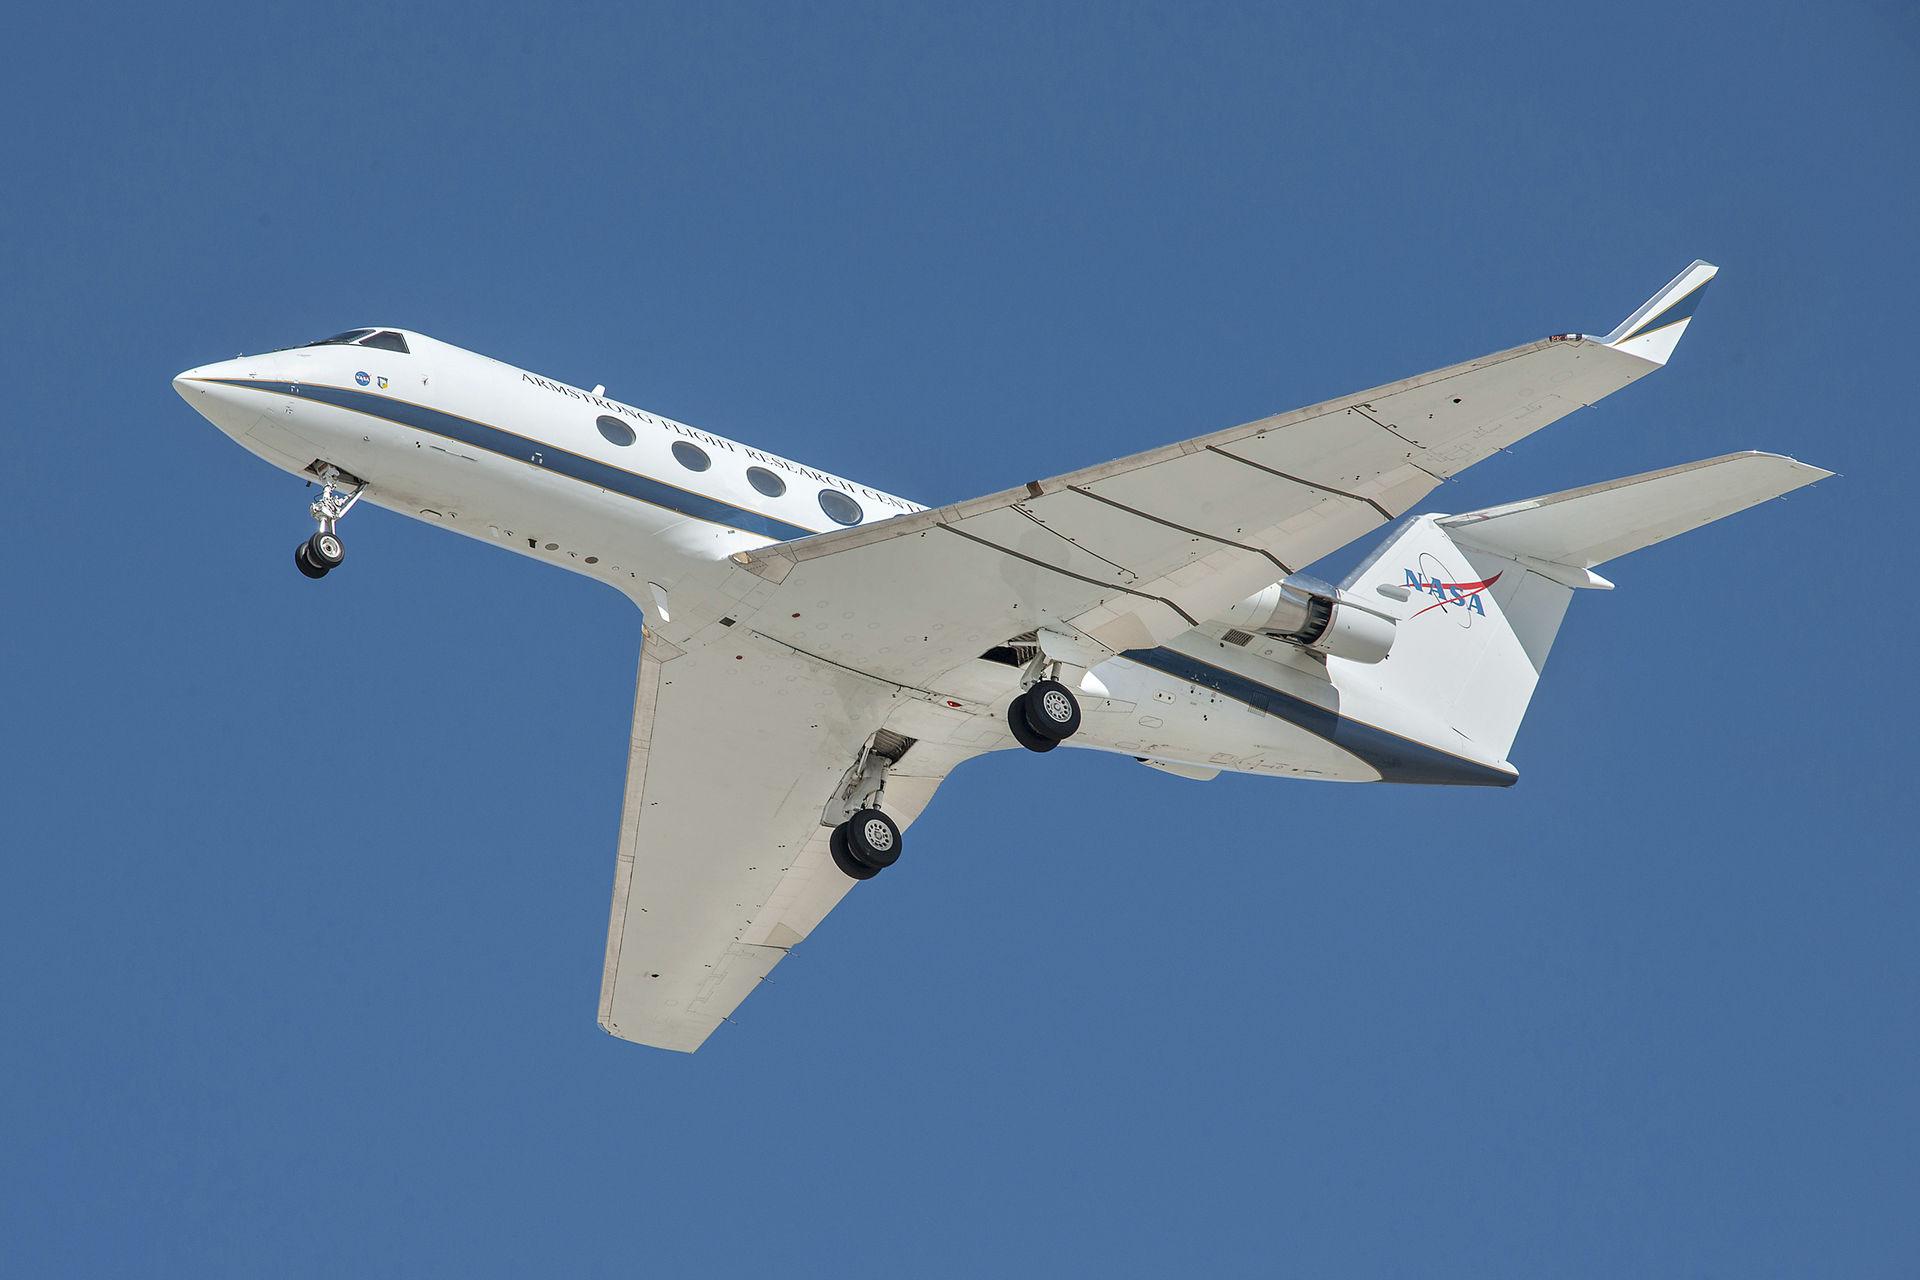 Teknik från NASA kan göra flygplan 70 procent tystare